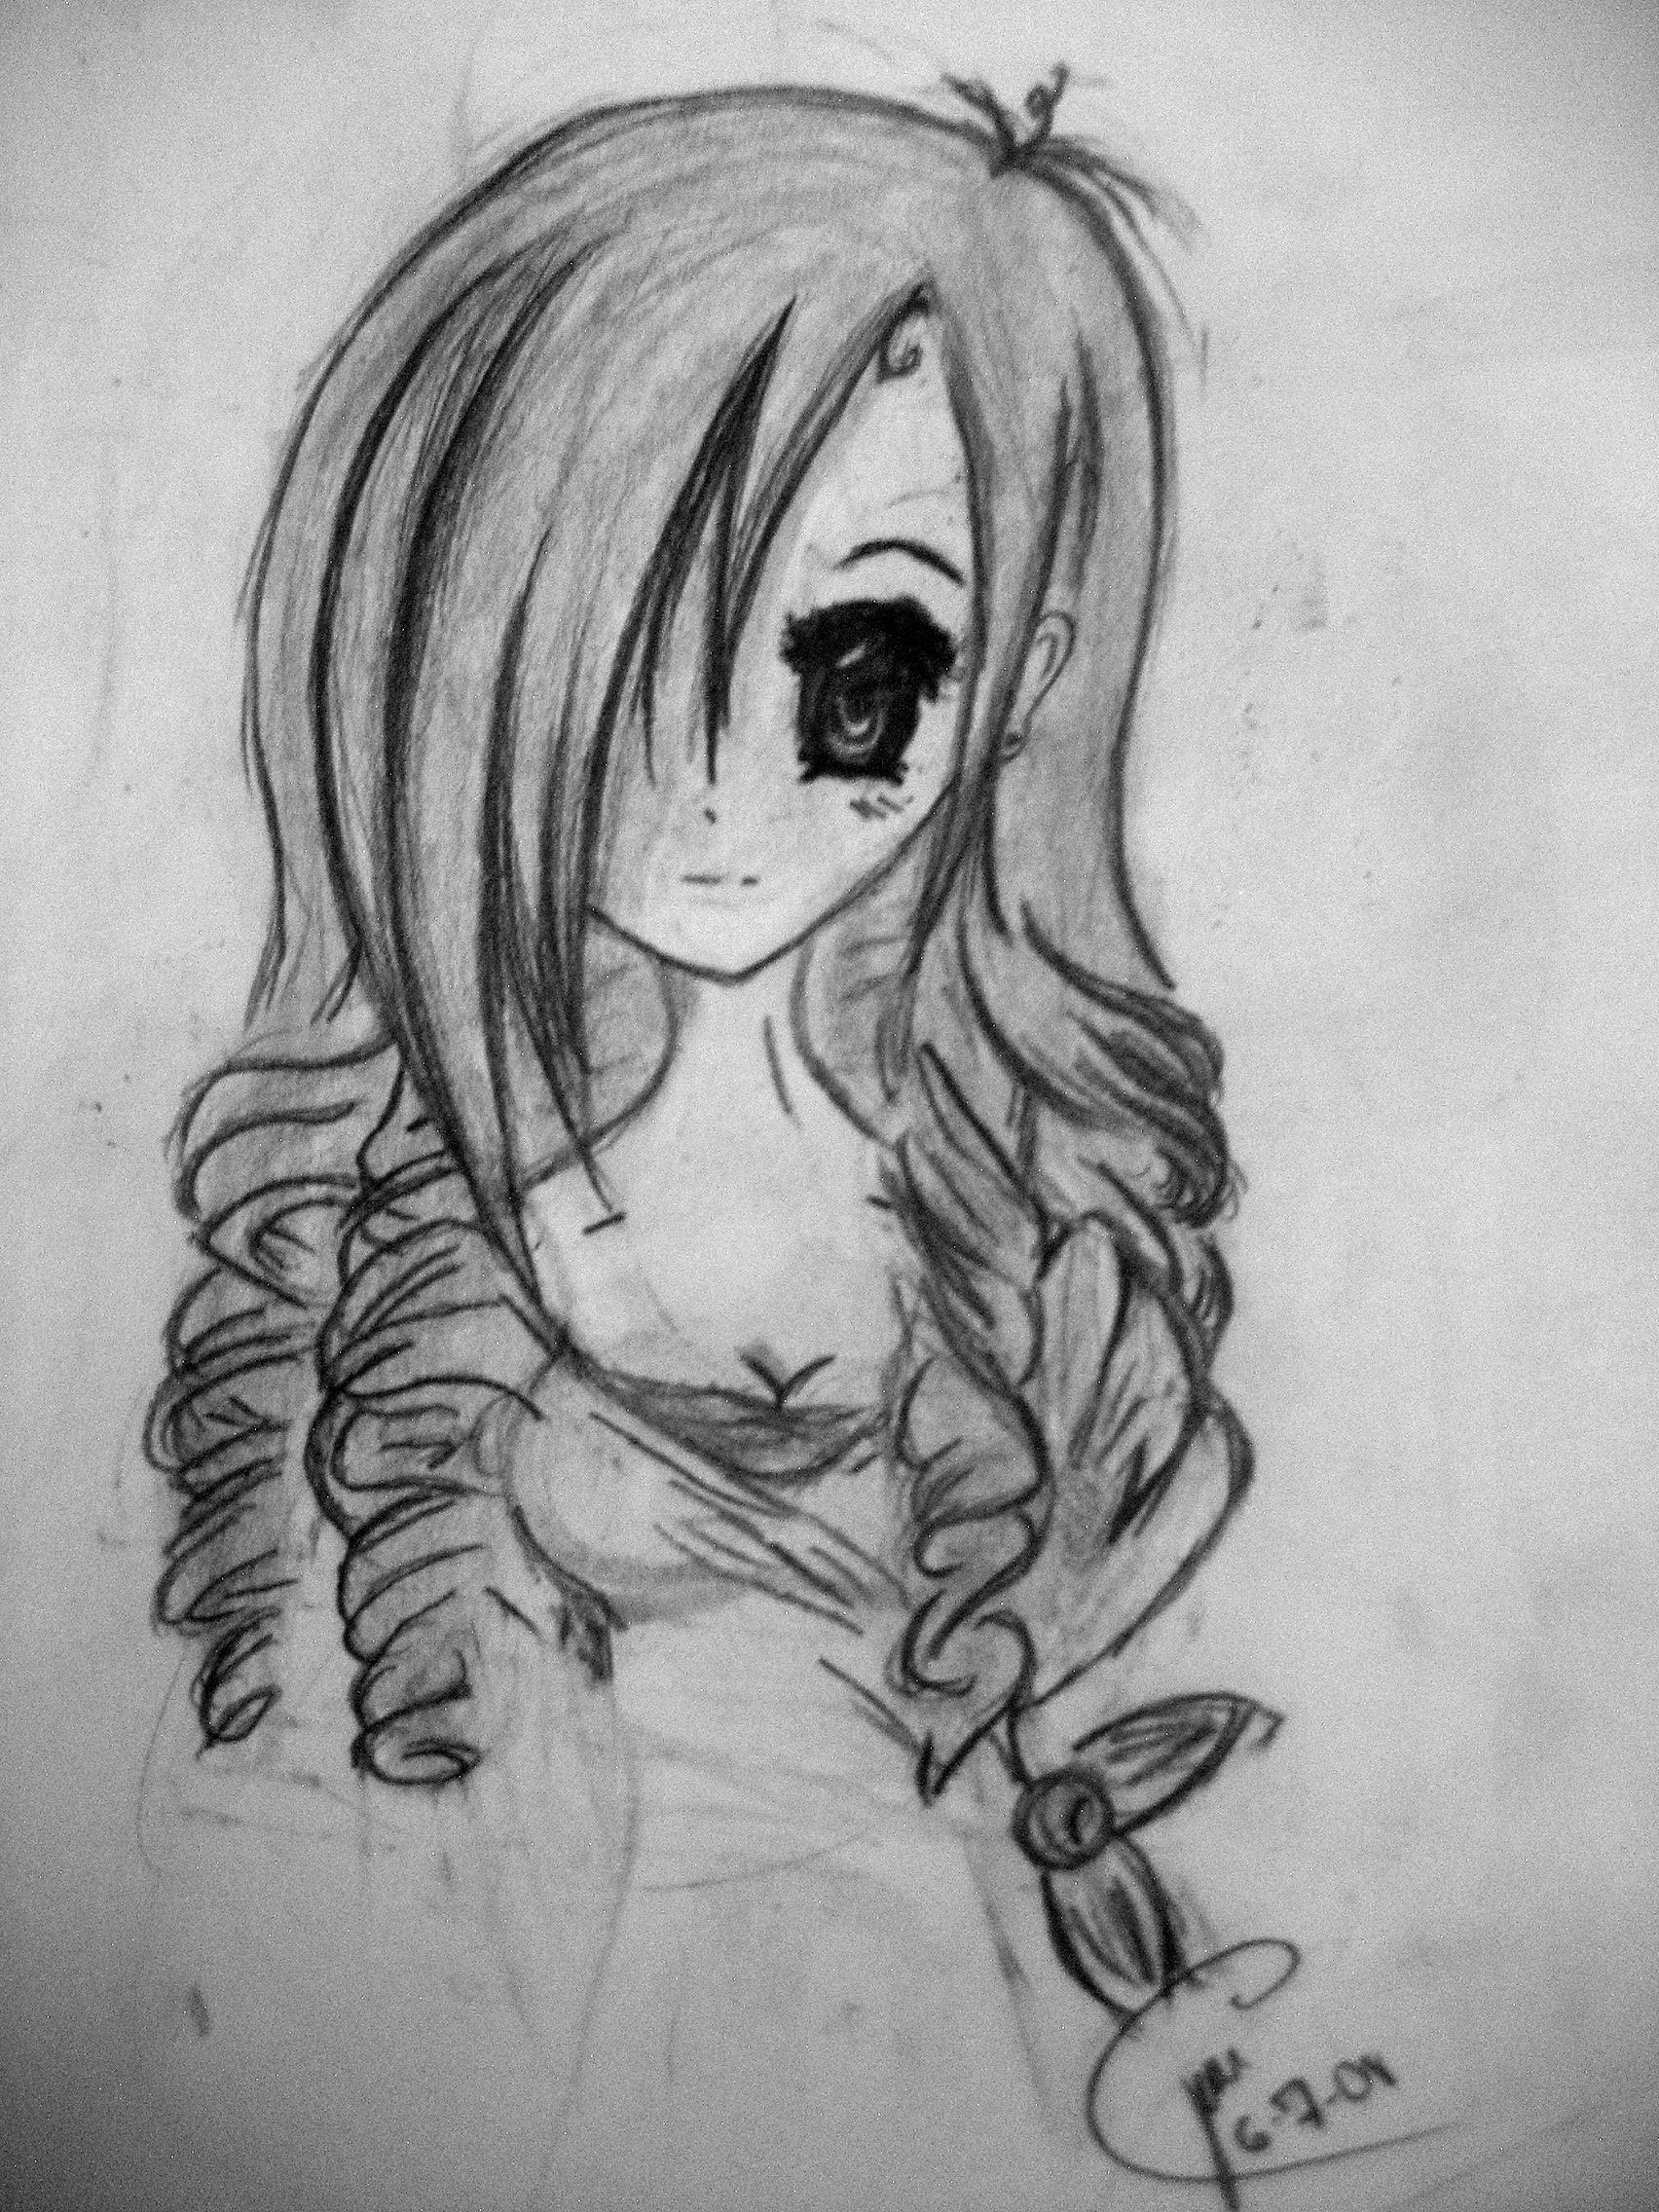 Manga_Girl_Sketch_Curly_Hair_by_monkyepum.jpg